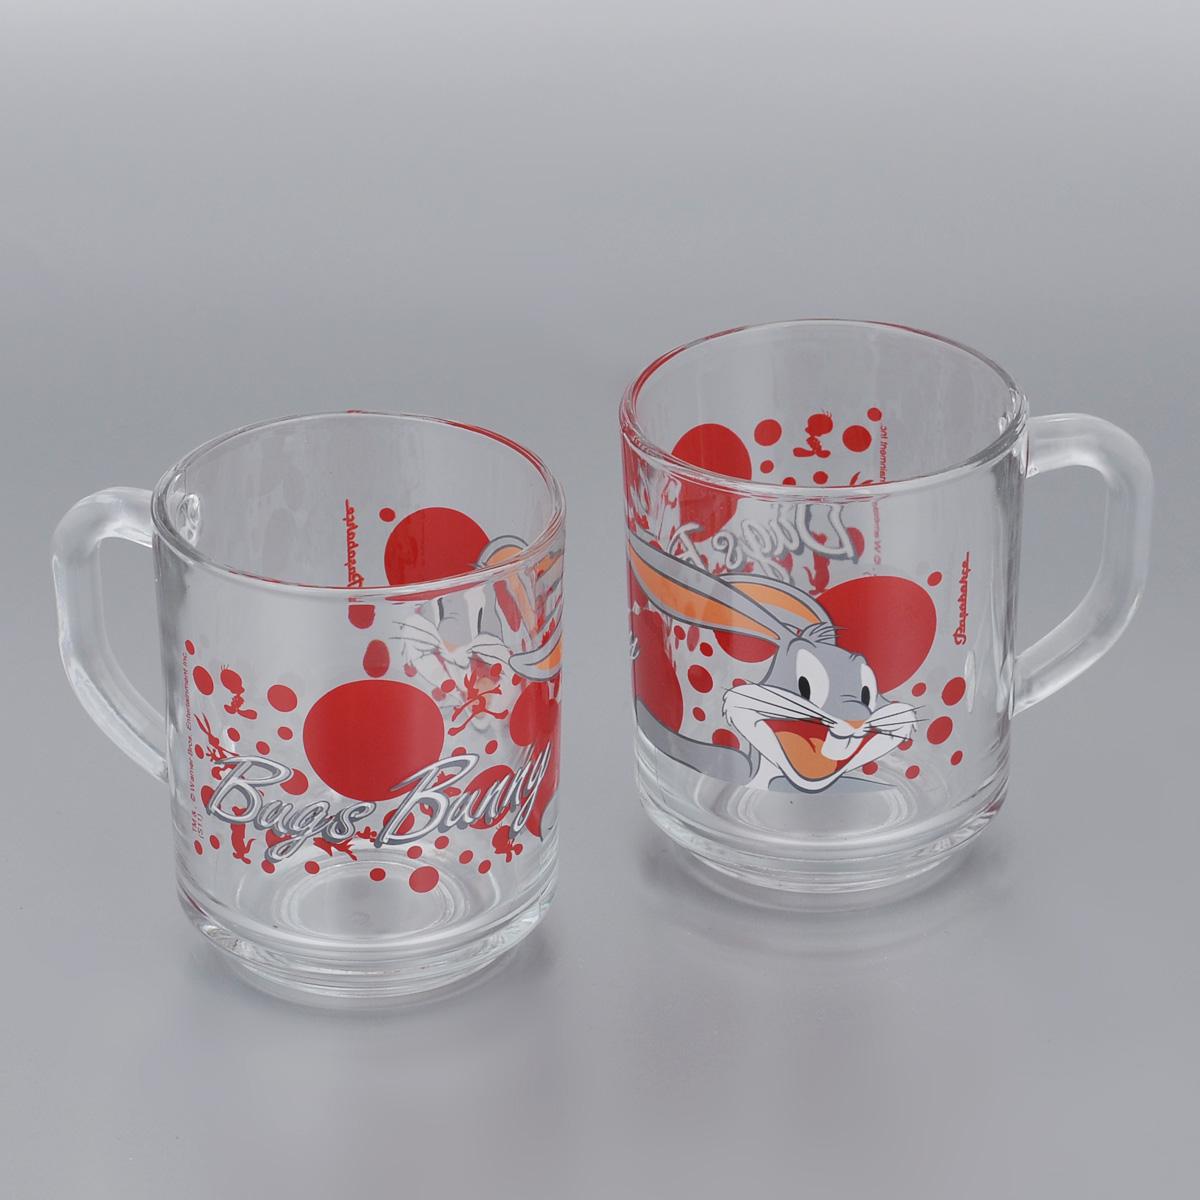 Набор кружек Pasabahce Bugs Bunny, 250 мл, 2 шт55029B/D9Набор Pasabahce Bugs Bunny состоит из двух кружек с удобными ручками, выполненных из прочного натрий-кальций-силикатного стекла. Кружки декорированы изображением Диснеевского героя - Багза Банни. Изделия хорошо удерживают тепло, не нагреваются. На них не выгорает и не вымывается рисунок. Теперь заставить вашего малыша сесть поесть будет очень просто. Посуда Pasabahce будет радовать детей яркими и интересными рисунками, а родителей качеством изготовления. Не рекомендуется мыть в посудомоечных машинах и использовать в микроволновых печах. Диаметр кружки по верхнему краю: 7 см. Высота кружки: 8,5 см.